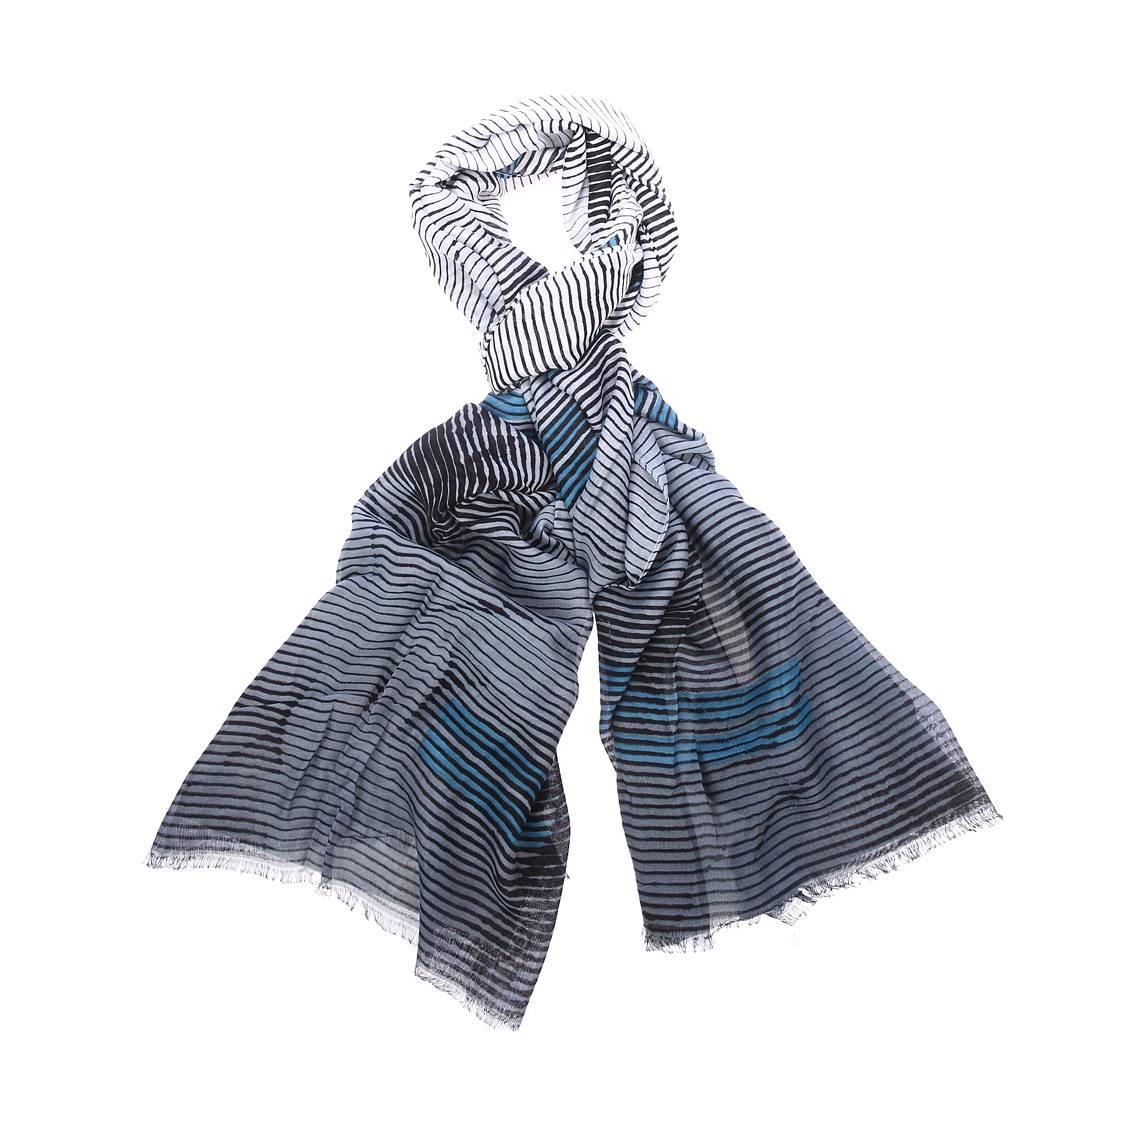 Chèche  en viscose à rayures noires, grises, blanches et bleues